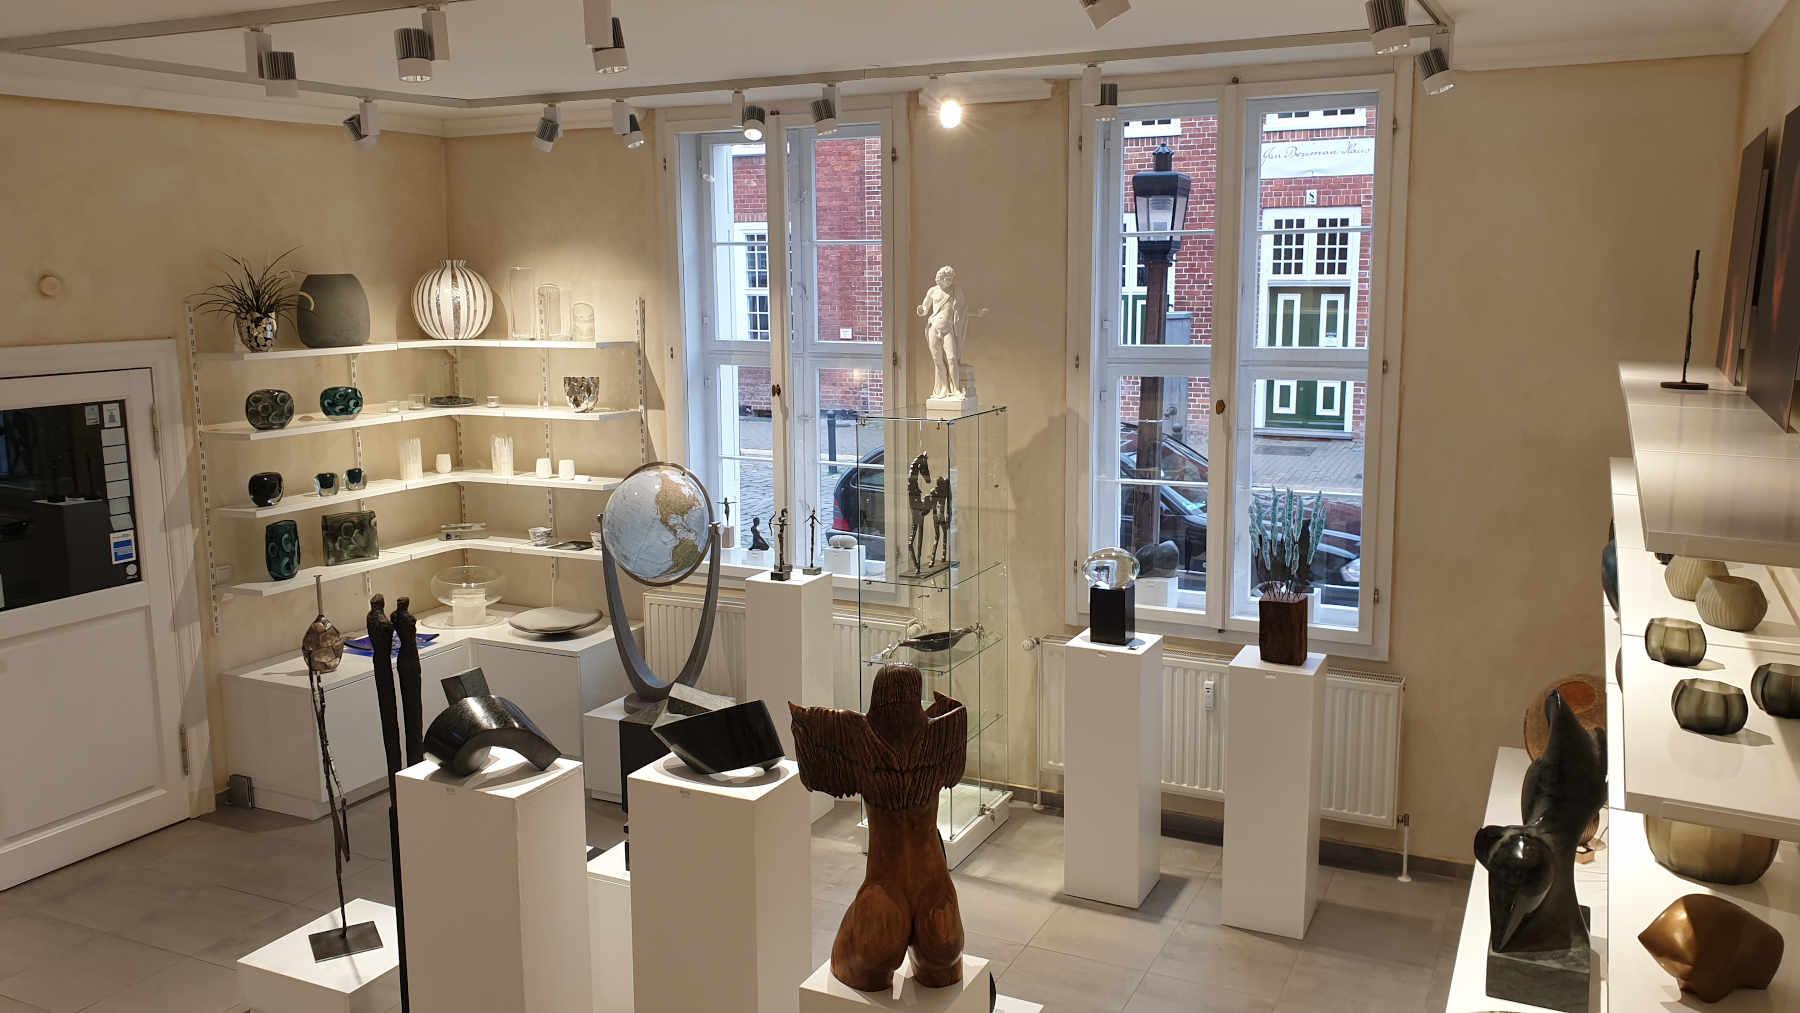 Galerie Potsdam M.concept Skulpturen, Glasobjekte, Fotografien